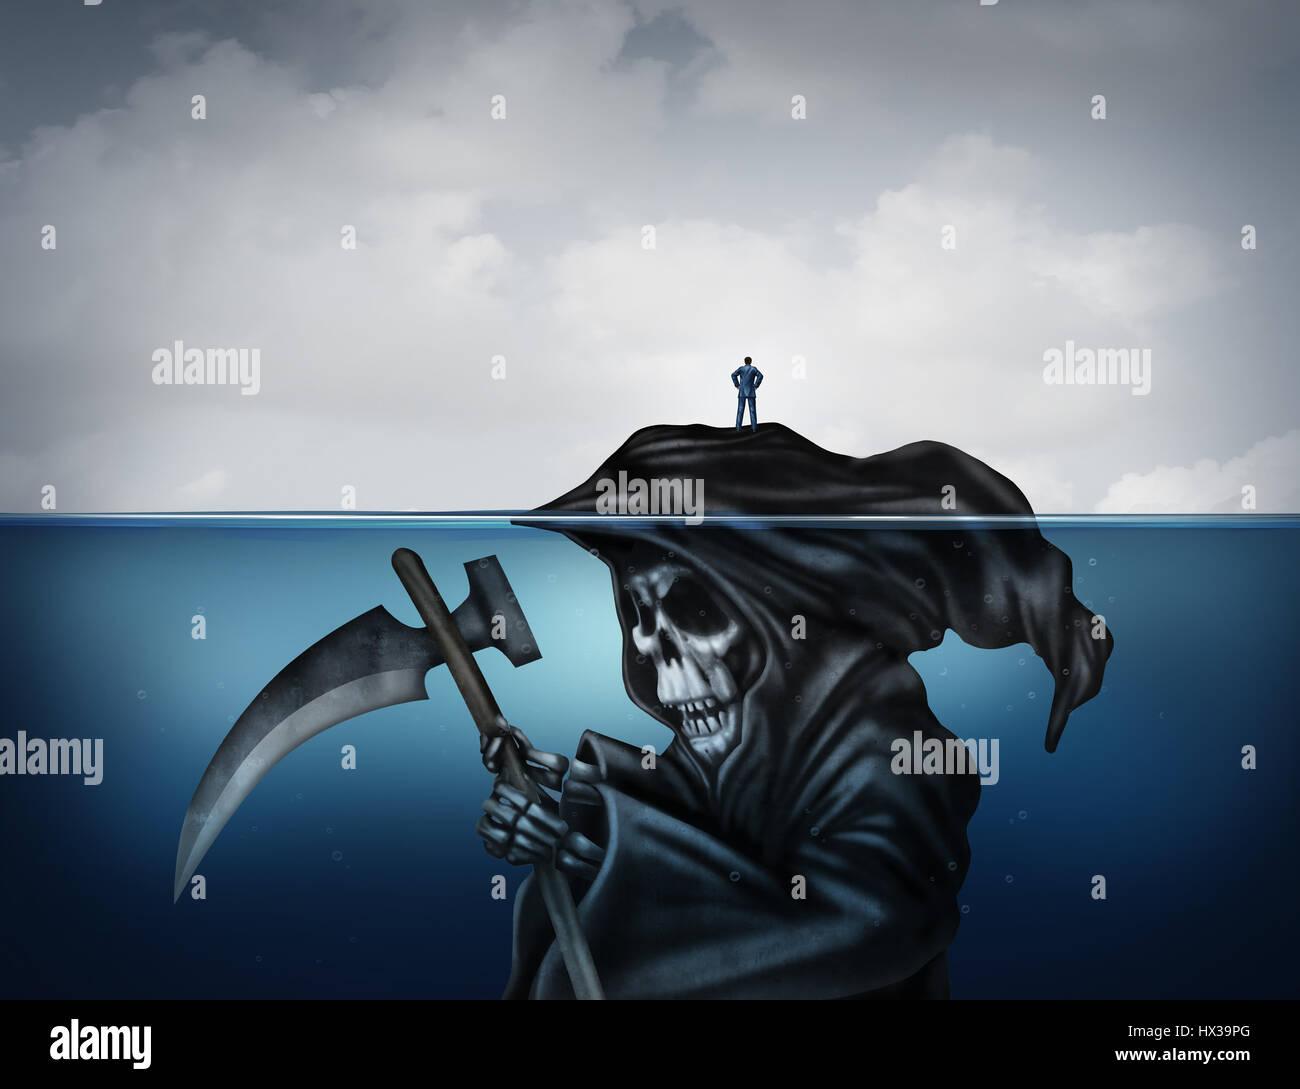 Tod droht Konzept oder Gesundheit Risiko und unwissentlich haben ein falsches Gefühl der Sicherheit als Symbol Stockbild